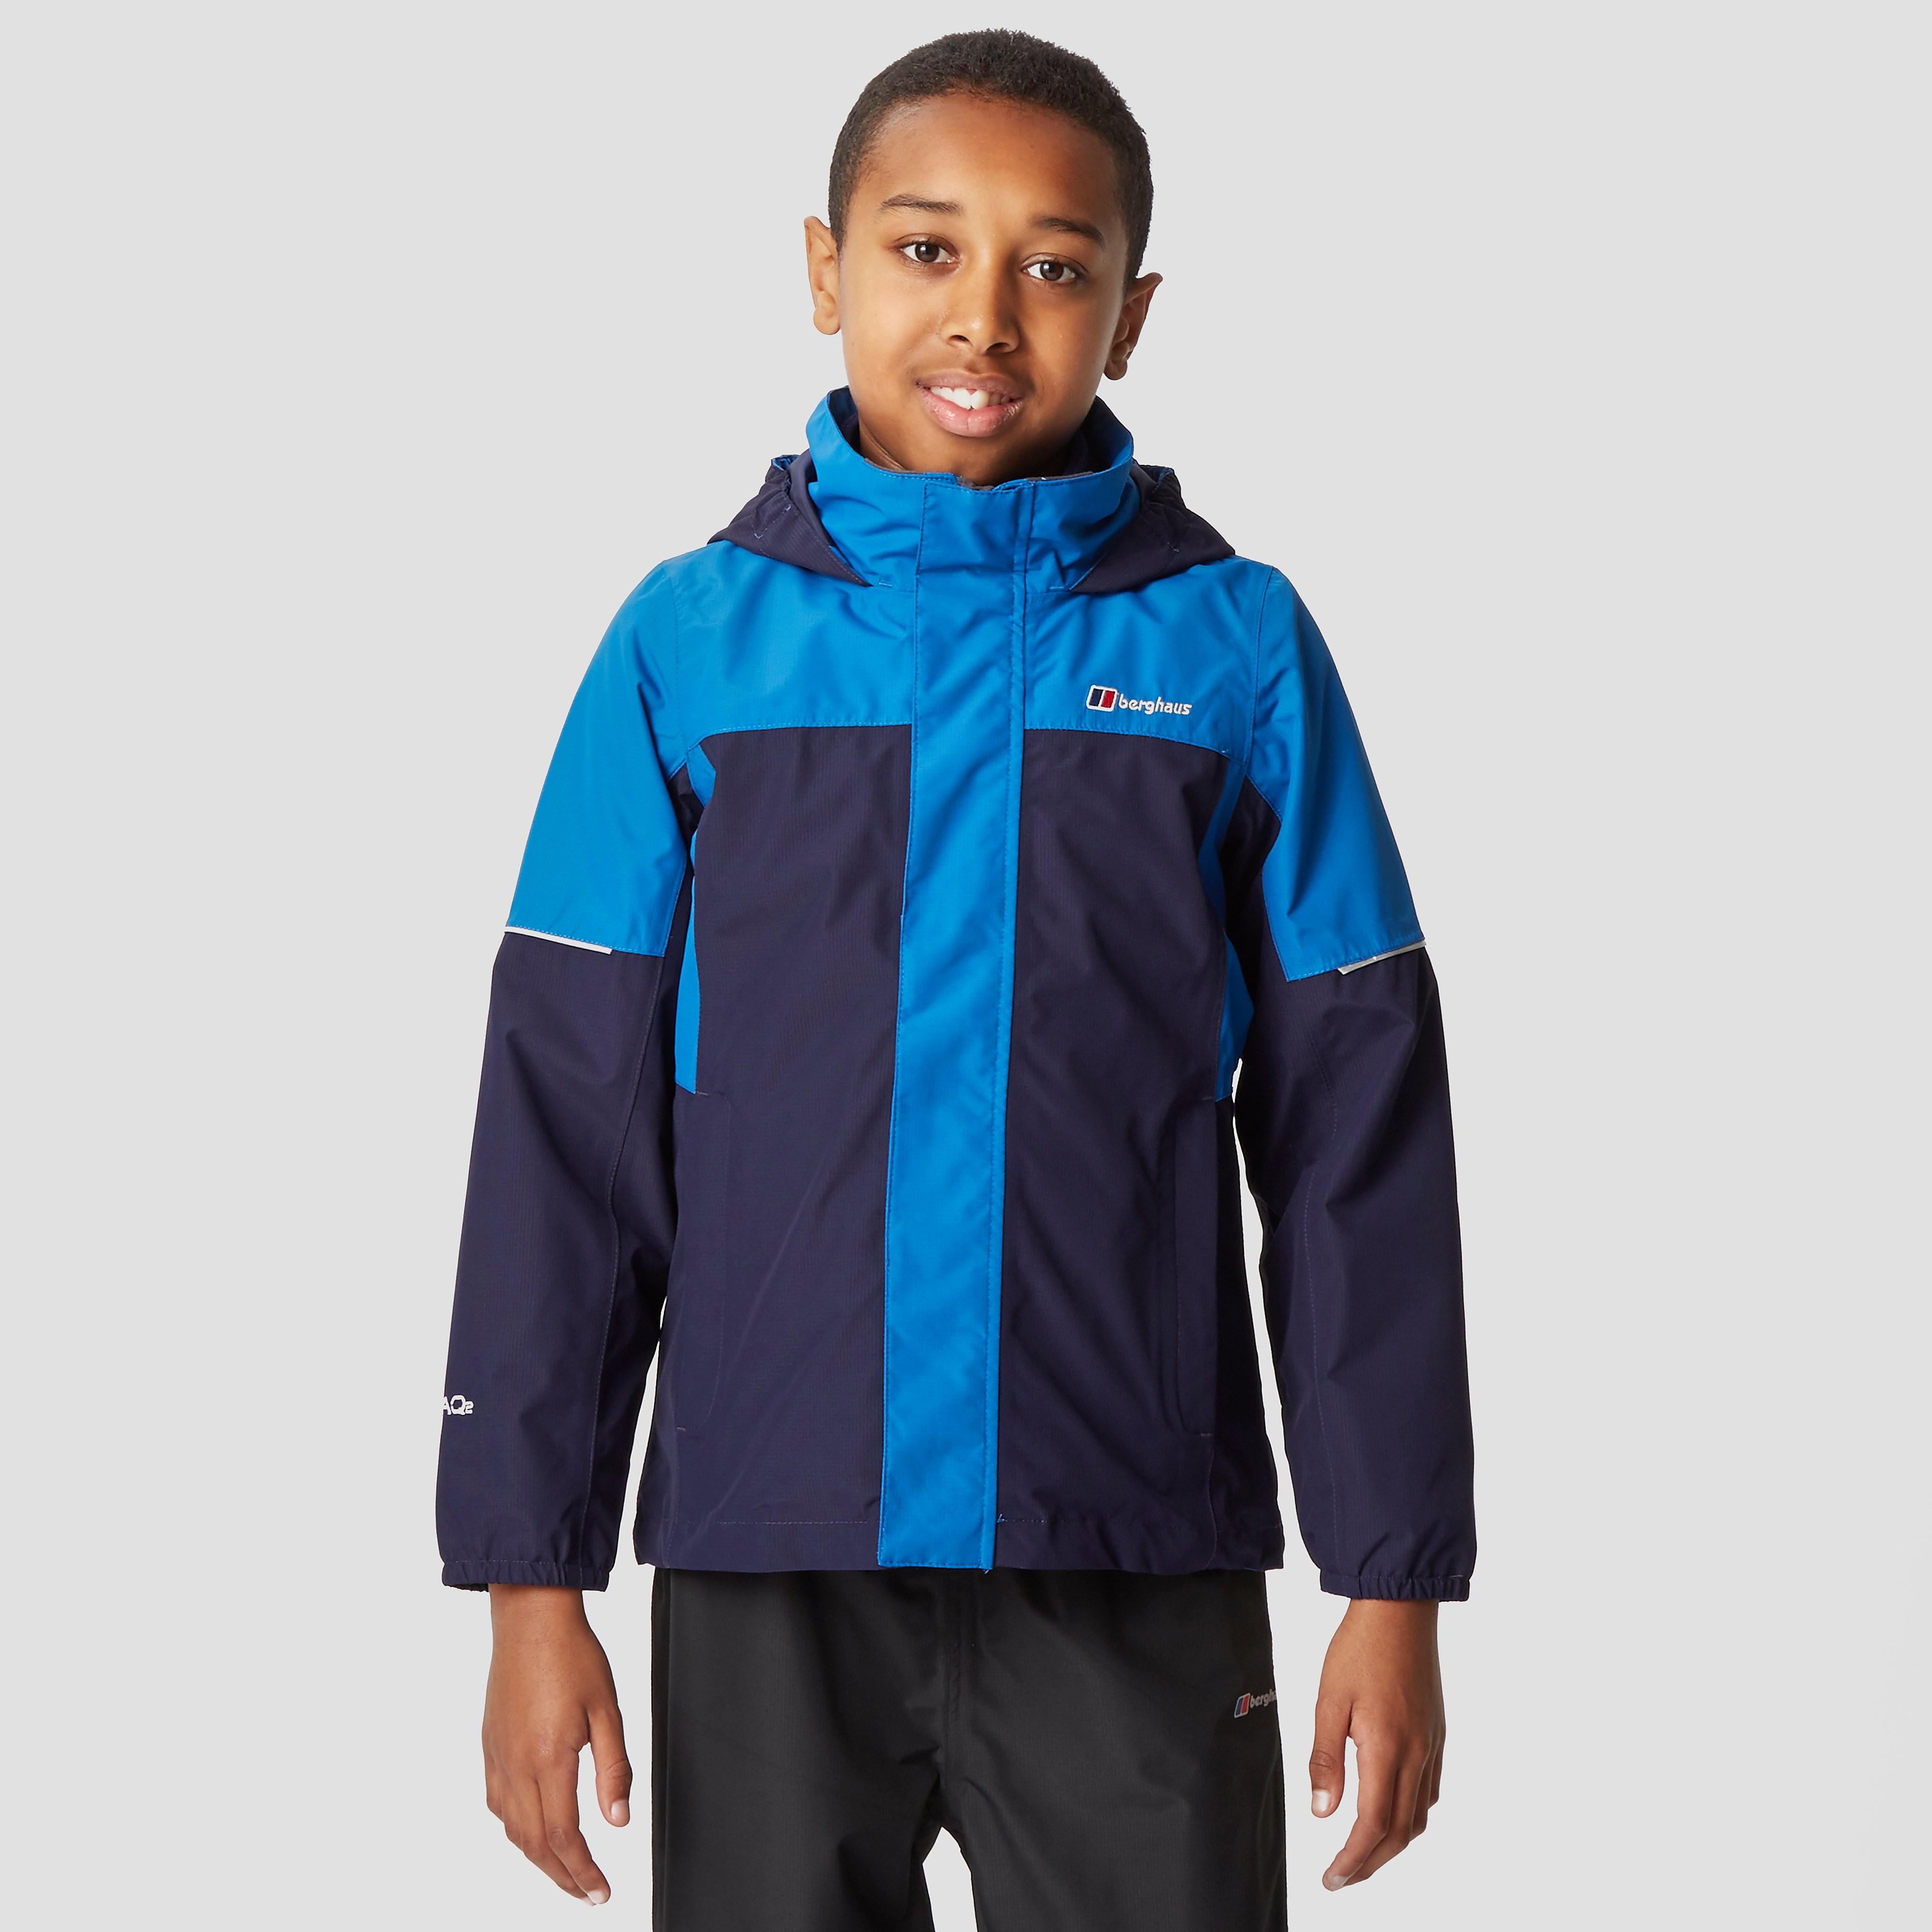 Berghaus Boy's Carrock 3 in 1 Jacket